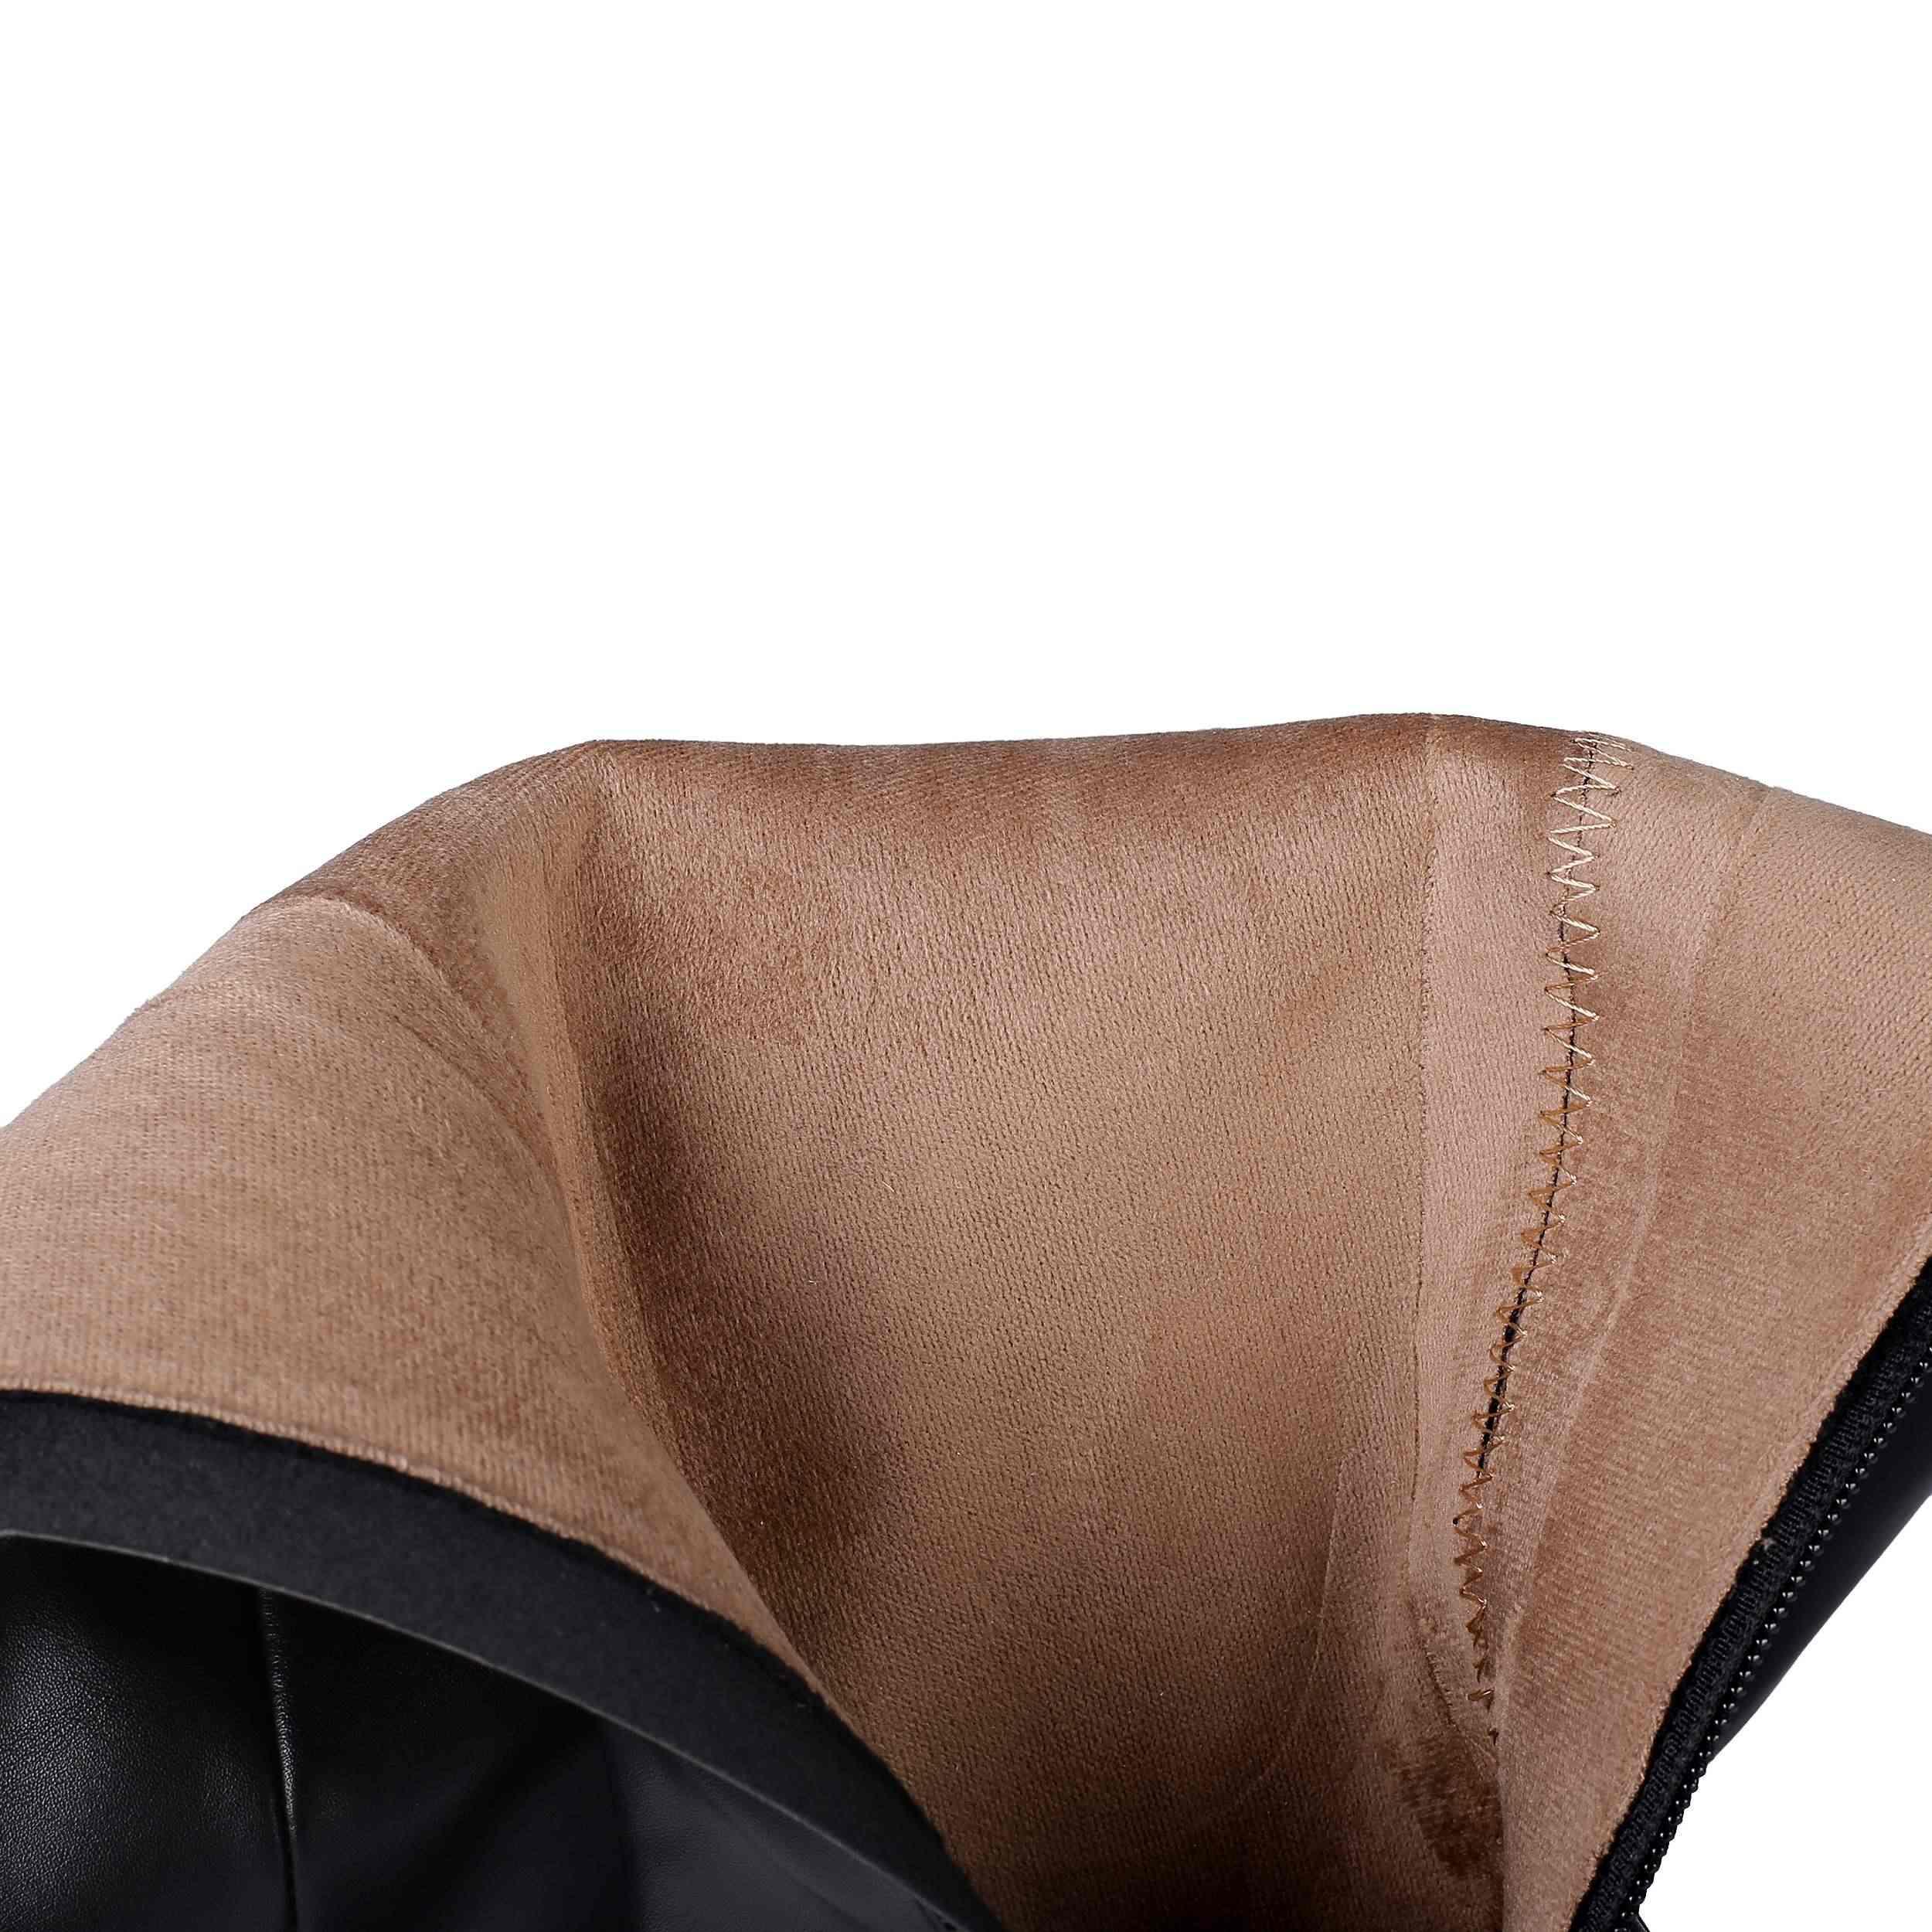 Krazing pot sıcak satış inek deri kalın yüksek topuklu sivri burun büyük boy fermuar soba borusu sıcak tutmak kariyer uyluk yüksek çizmeler L2f5